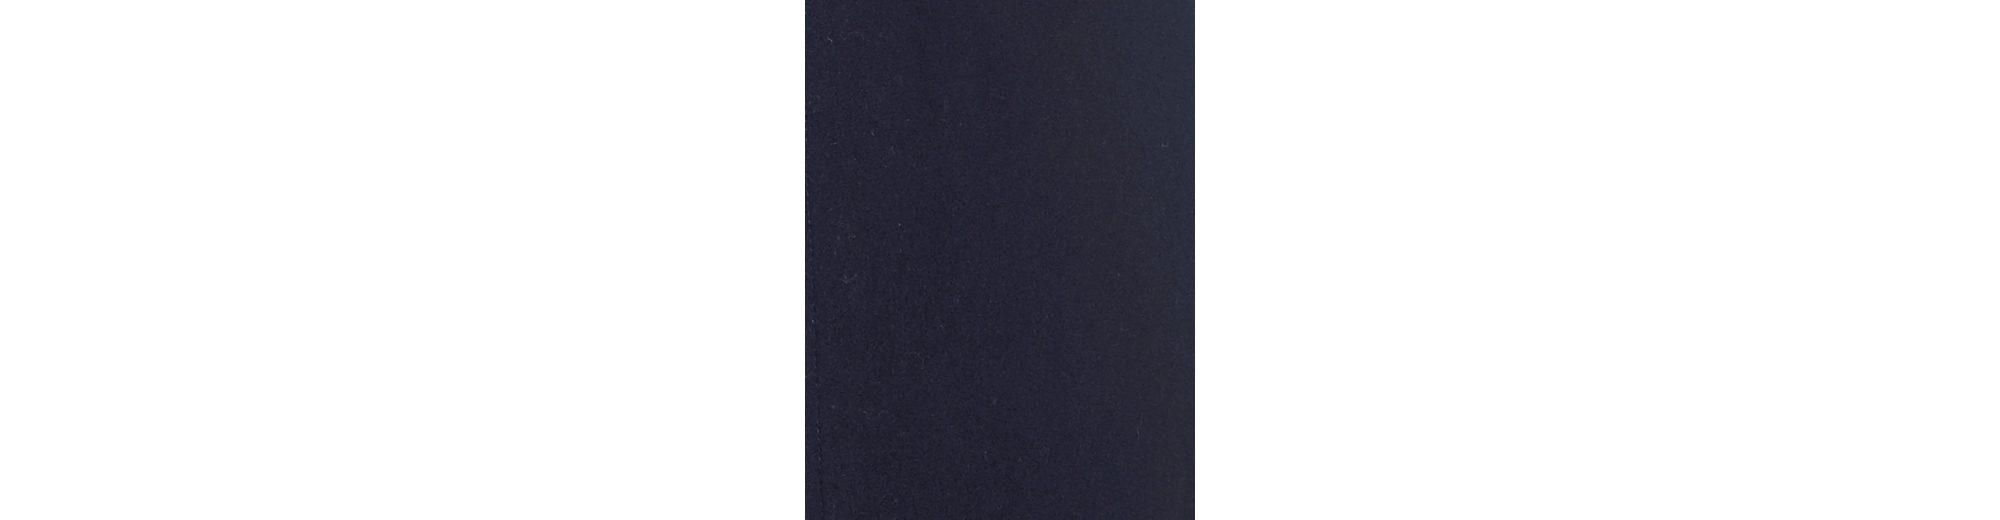 Sauber Und Klassisch PATRIZIA DINI by Heine Wollmantel mit Kaschmir Preise Online-Verkauf Verkauf Bestseller do0RlyUc